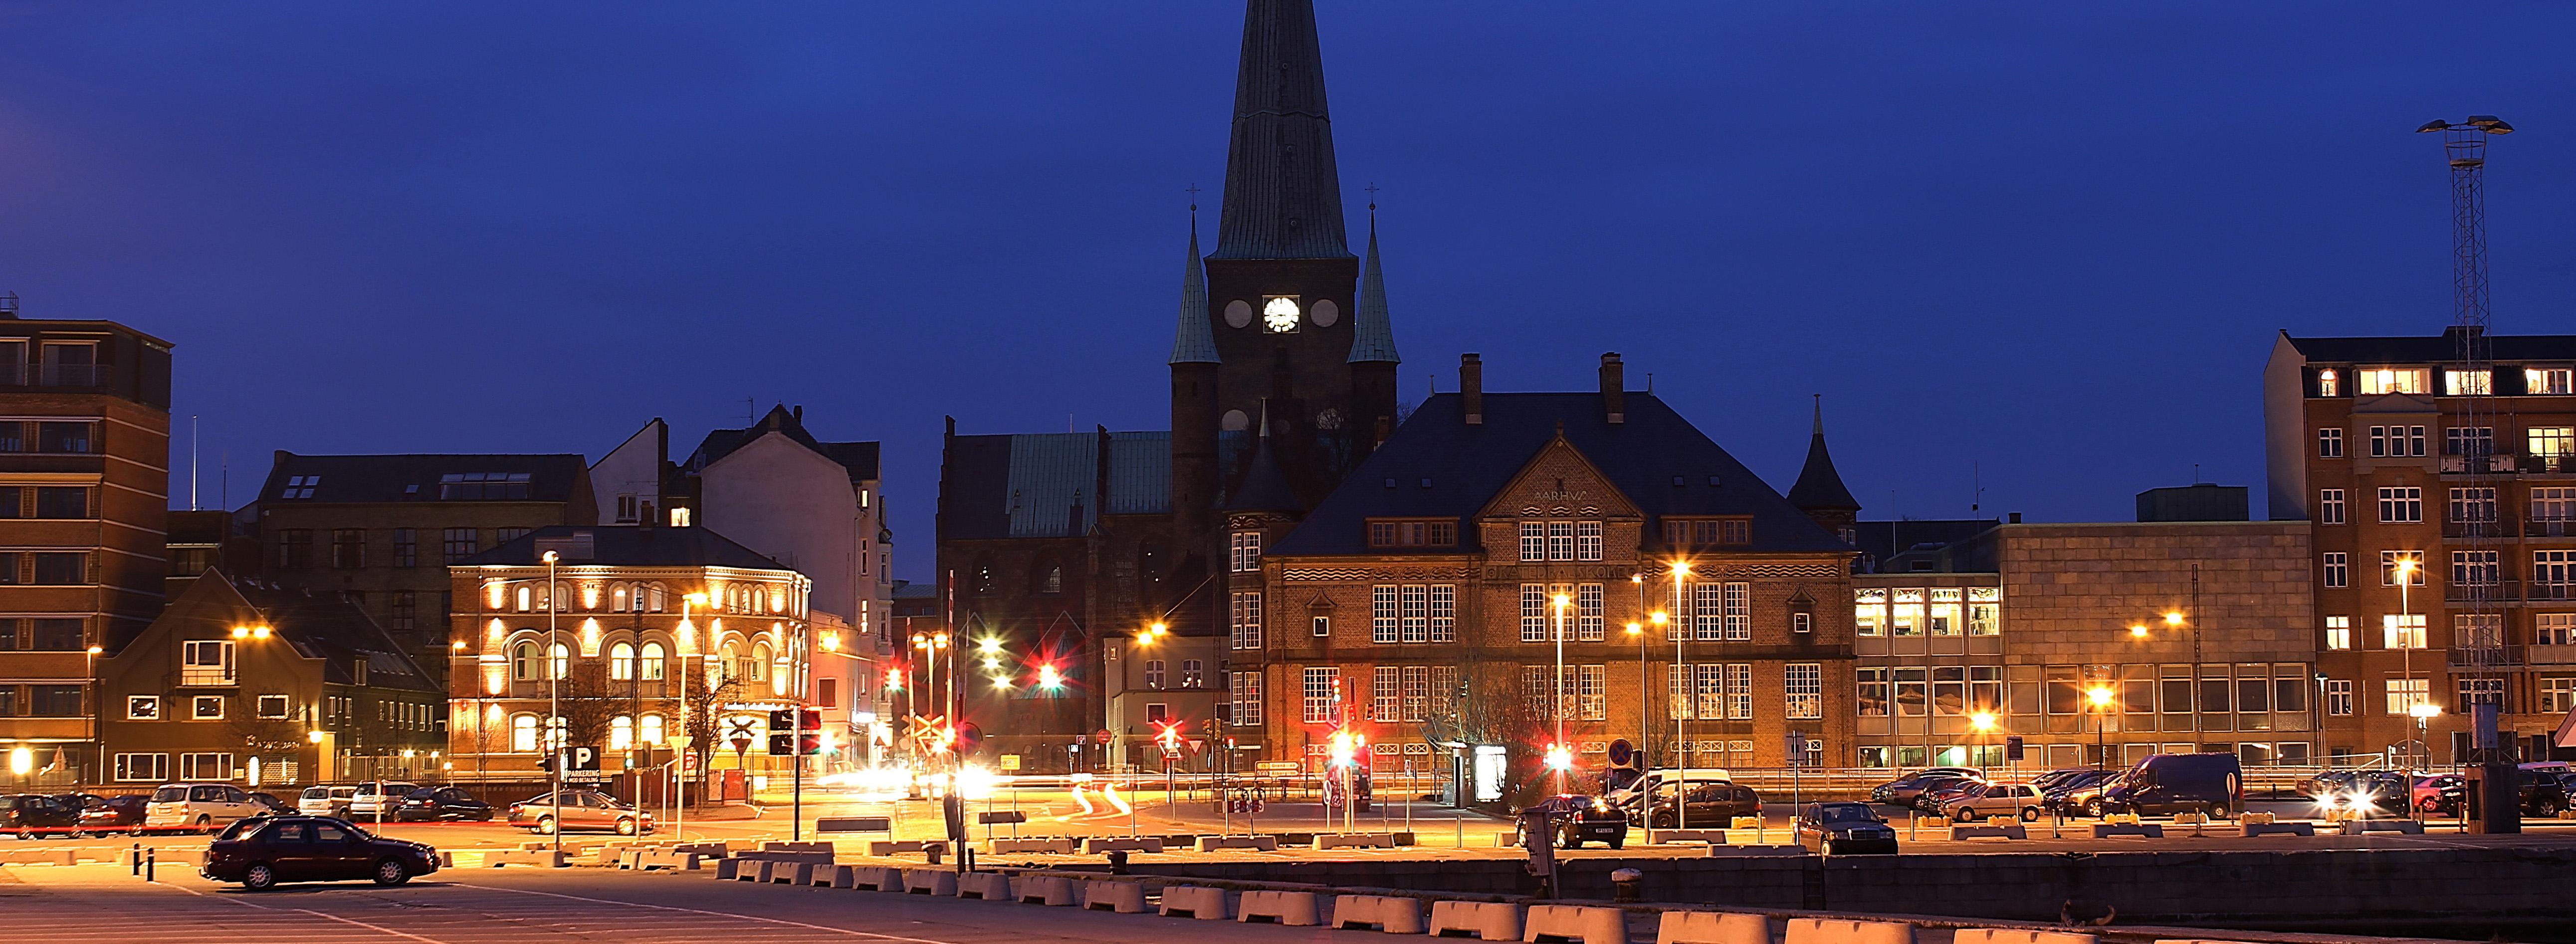 Ночной вид Кафедрального собора Орхуса.